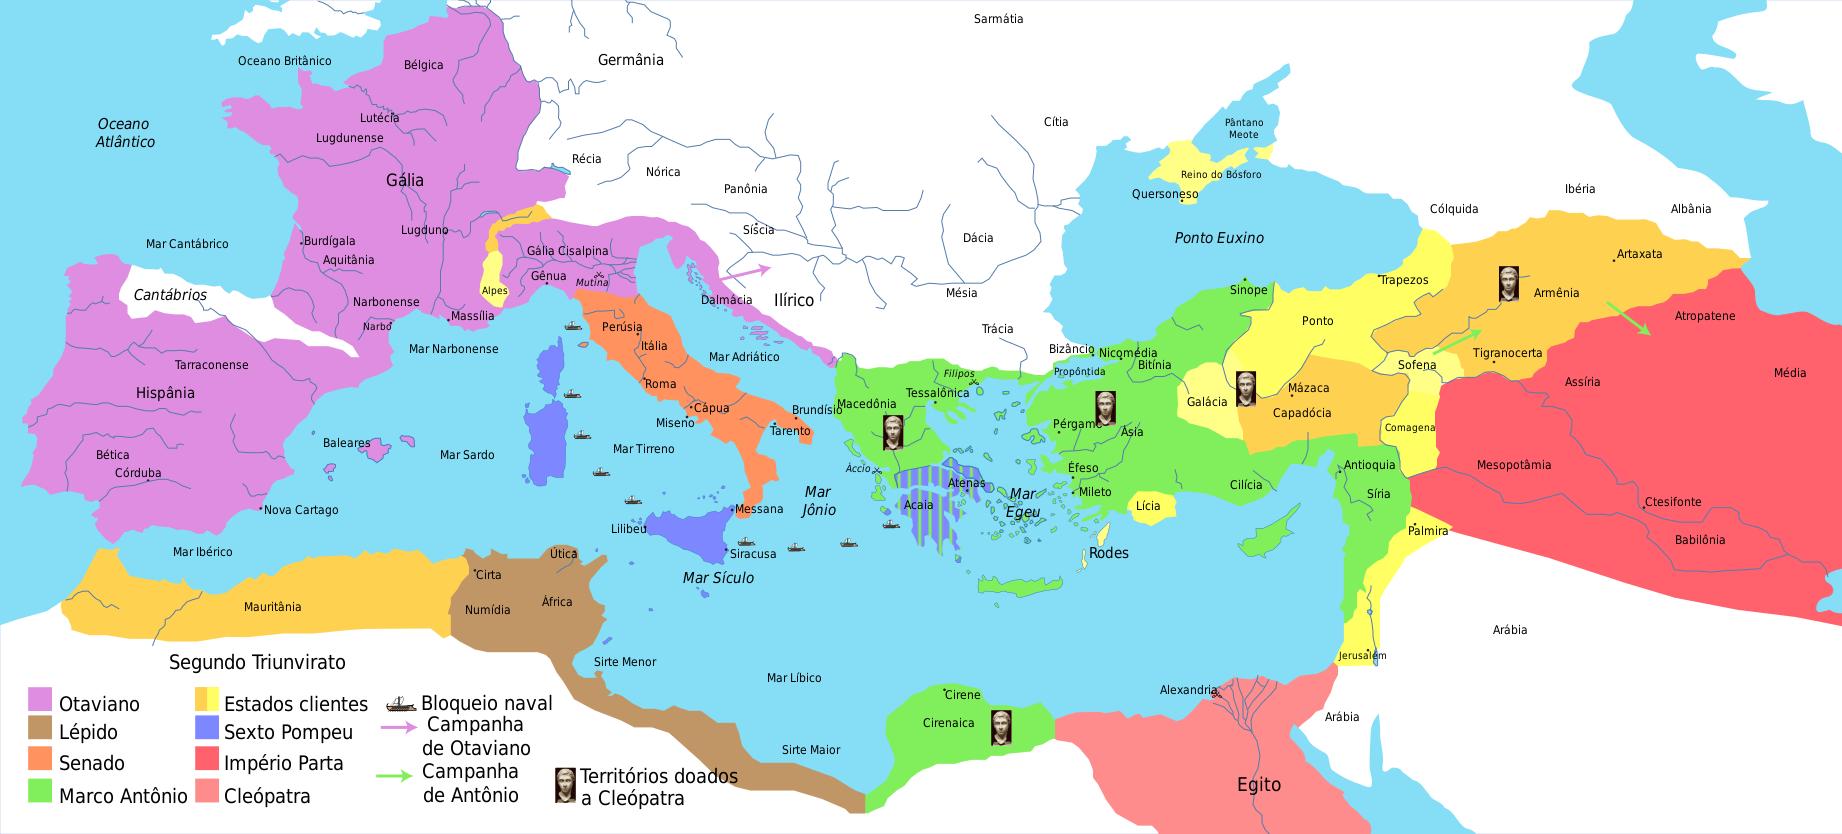 Romano-Imperio-39BC-bg-pt.svg